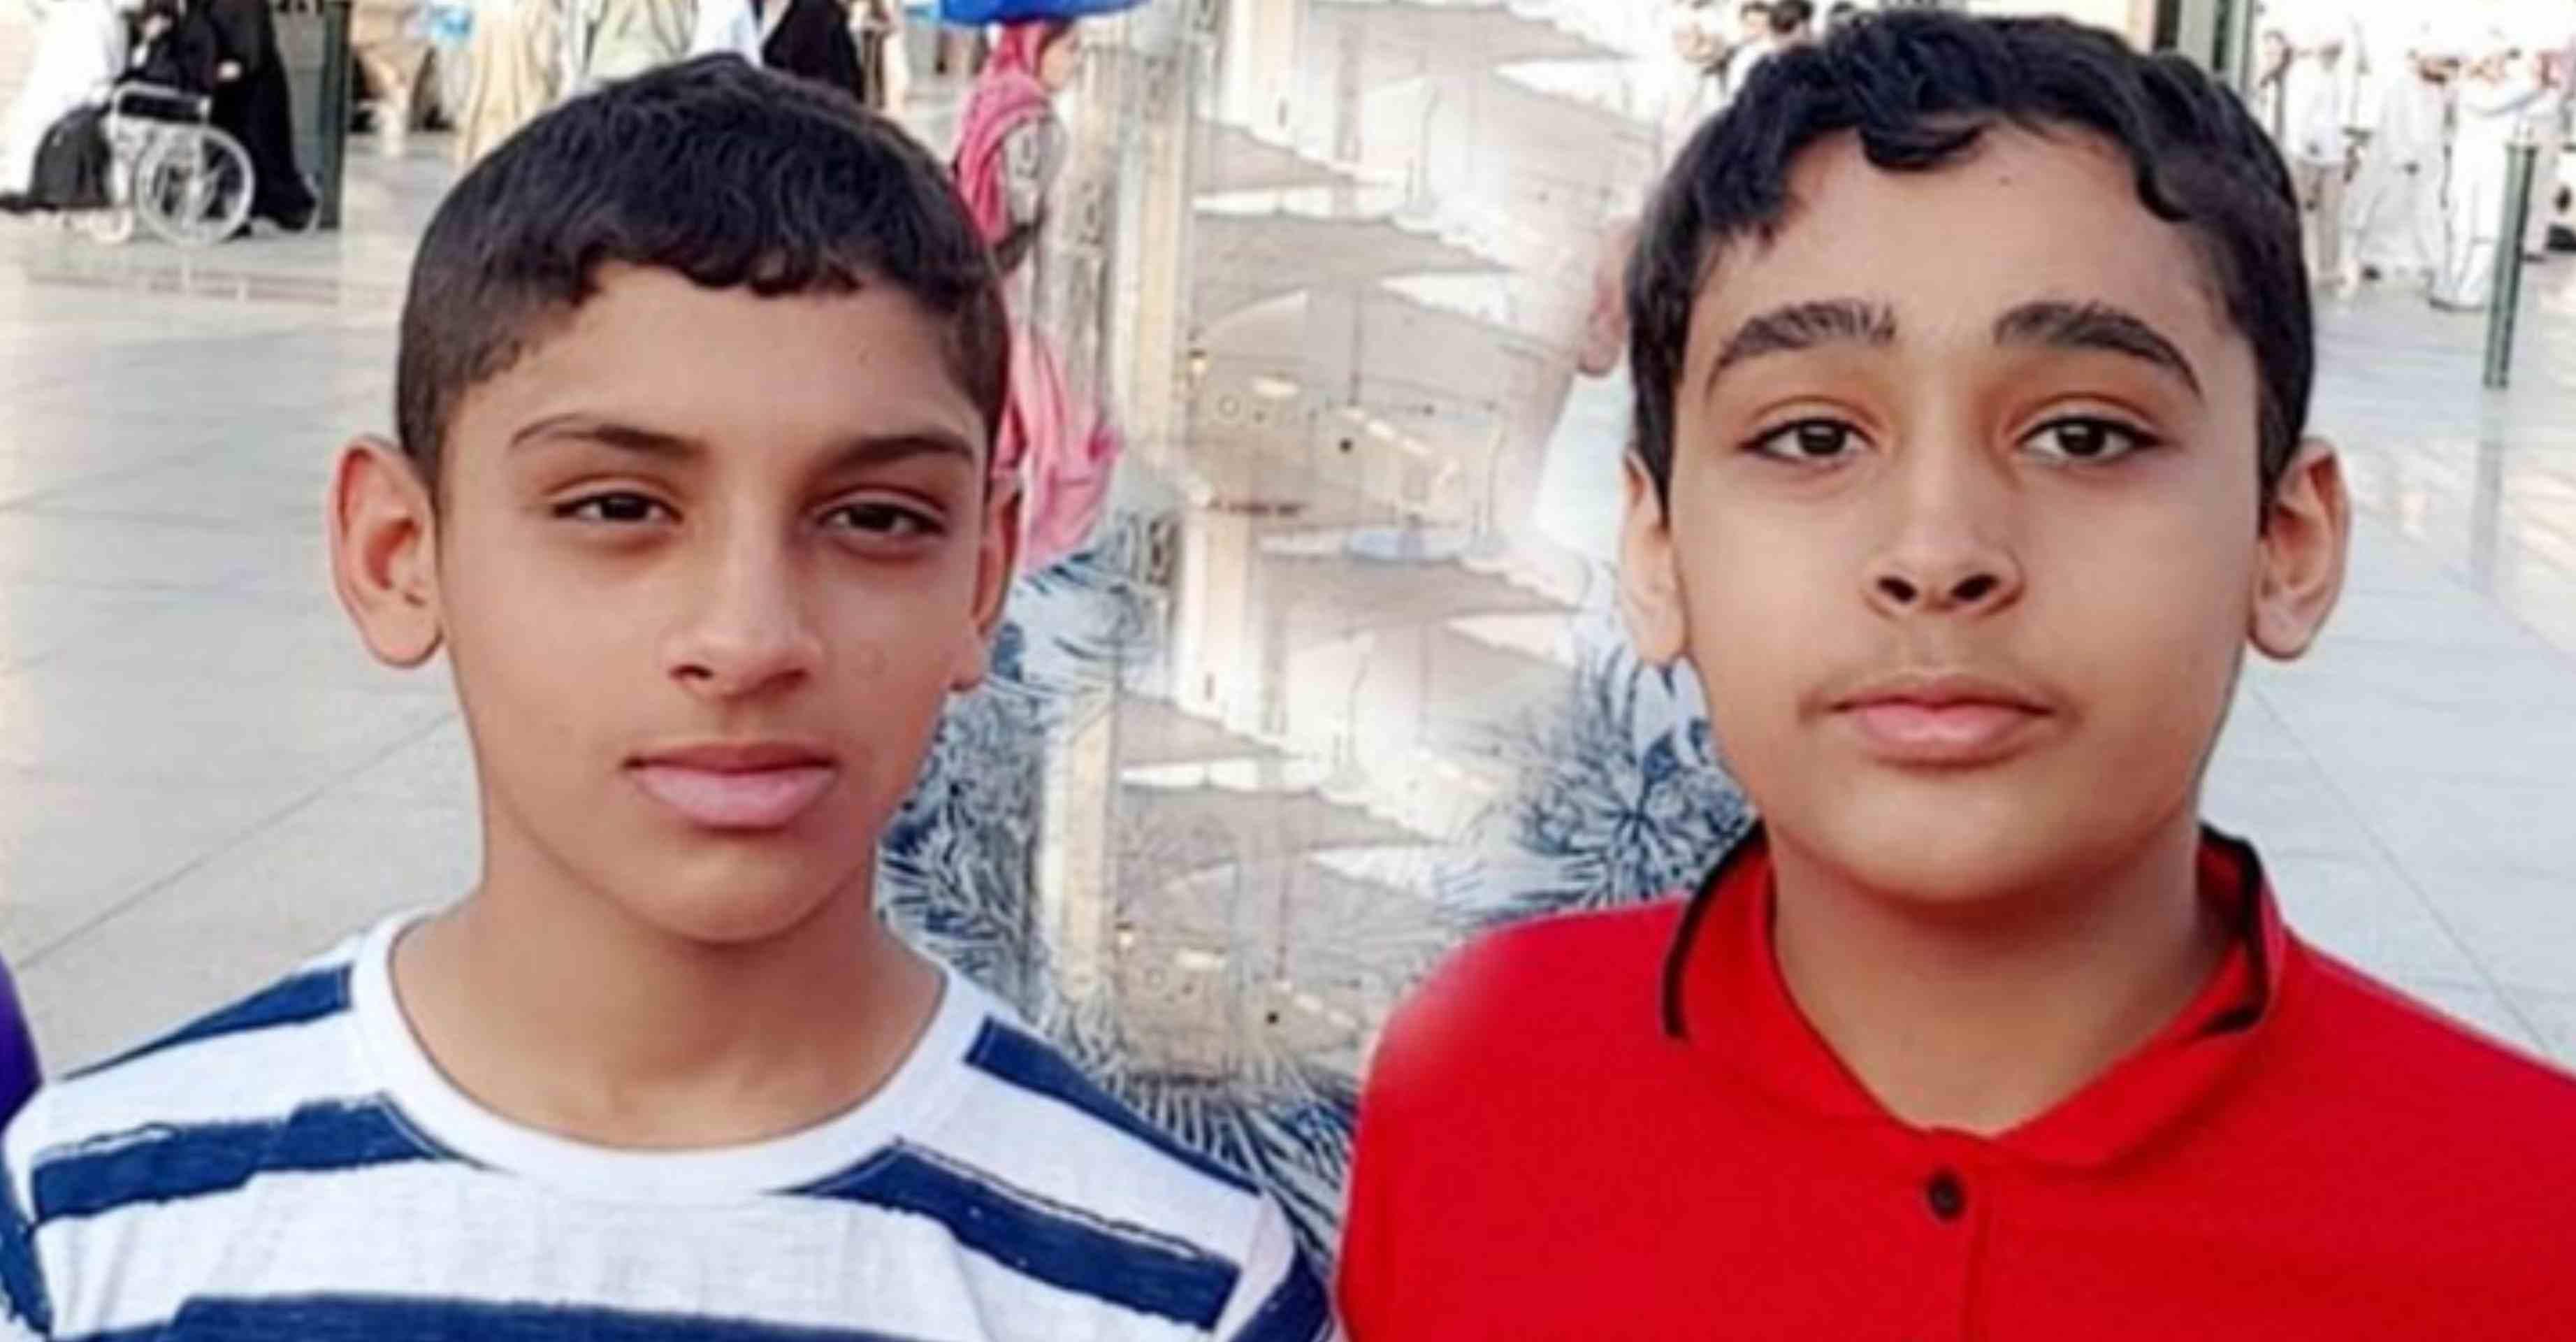 الإفراج عن الطفلين «حسين رضي وعلي حسين» مع استمرار محاكمتهما